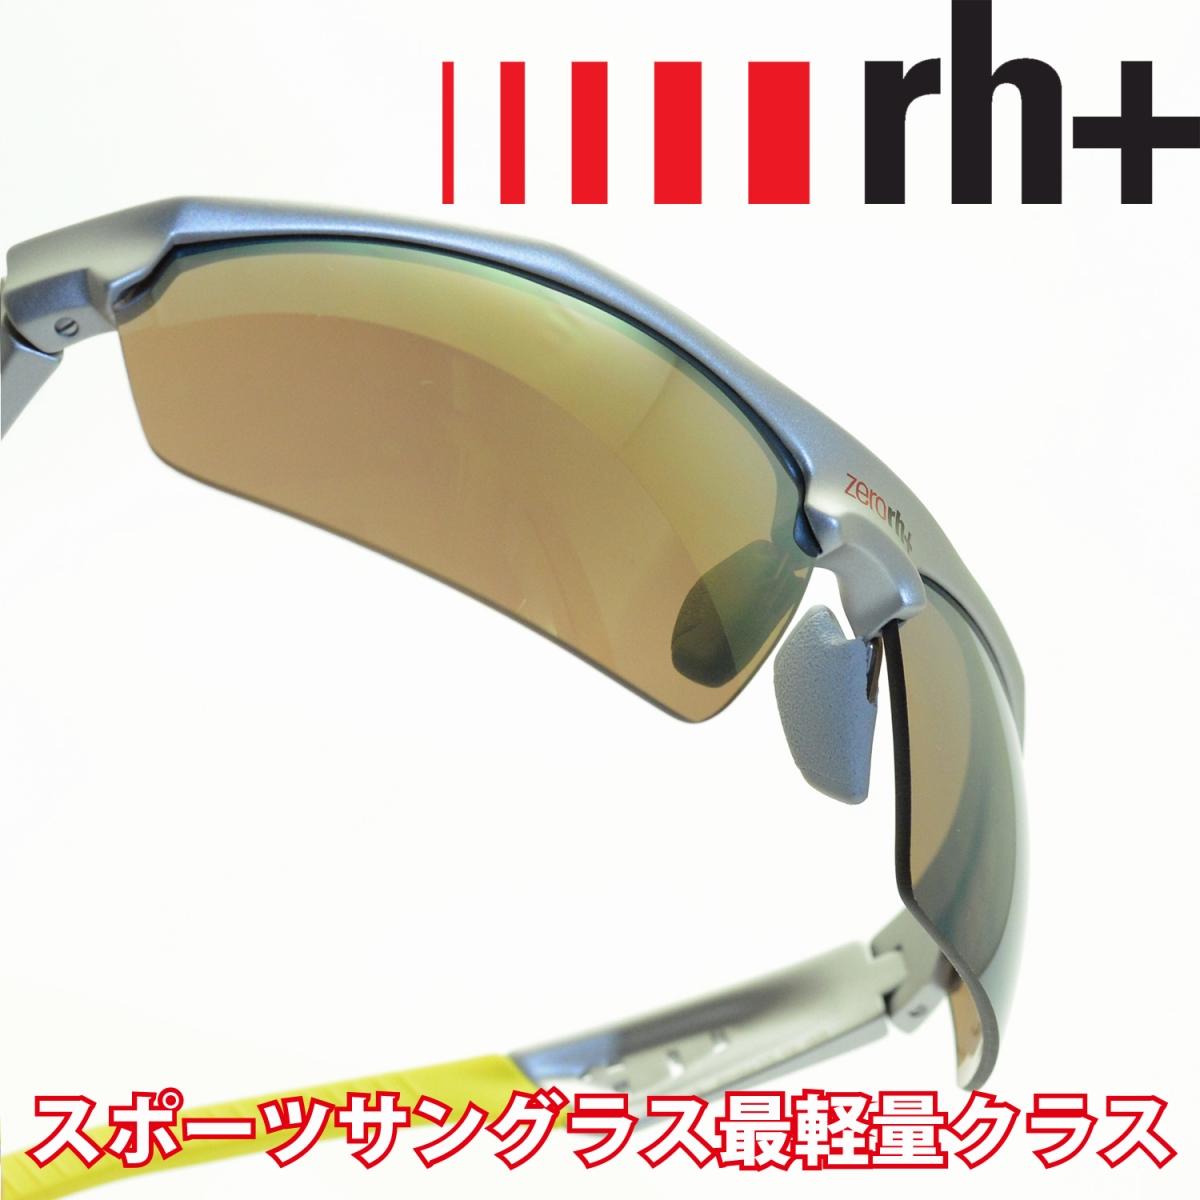 rh+ アールエイチプラス GOTHA RH842S19メガネ 眼鏡 めがね メンズ レディース おしゃれ ブランド 人気 おすすめ フレーム 流行り 度付き レンズ サングラス スポーツ